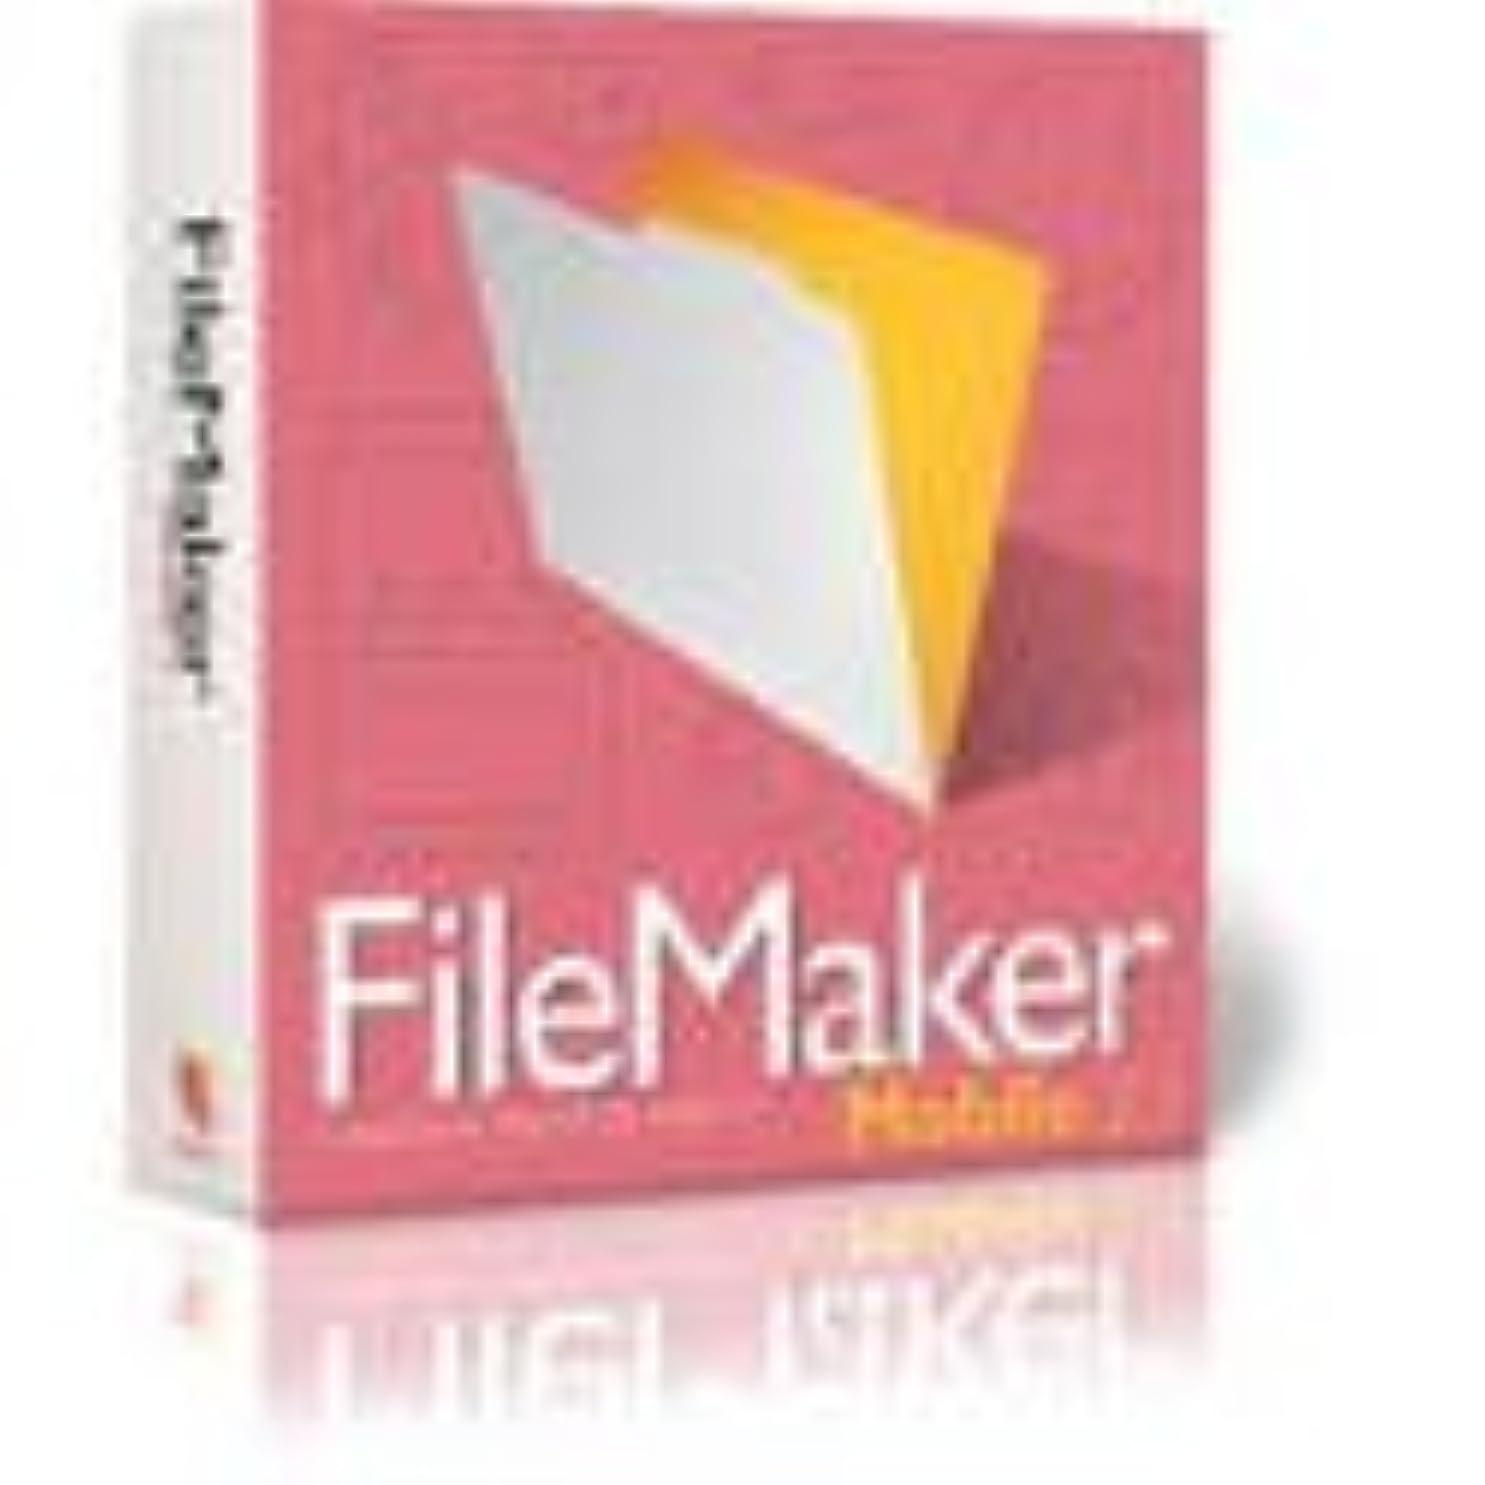 汚染ソフィー佐賀FileMaker Mobile 2.1 for Palm OS and PPC